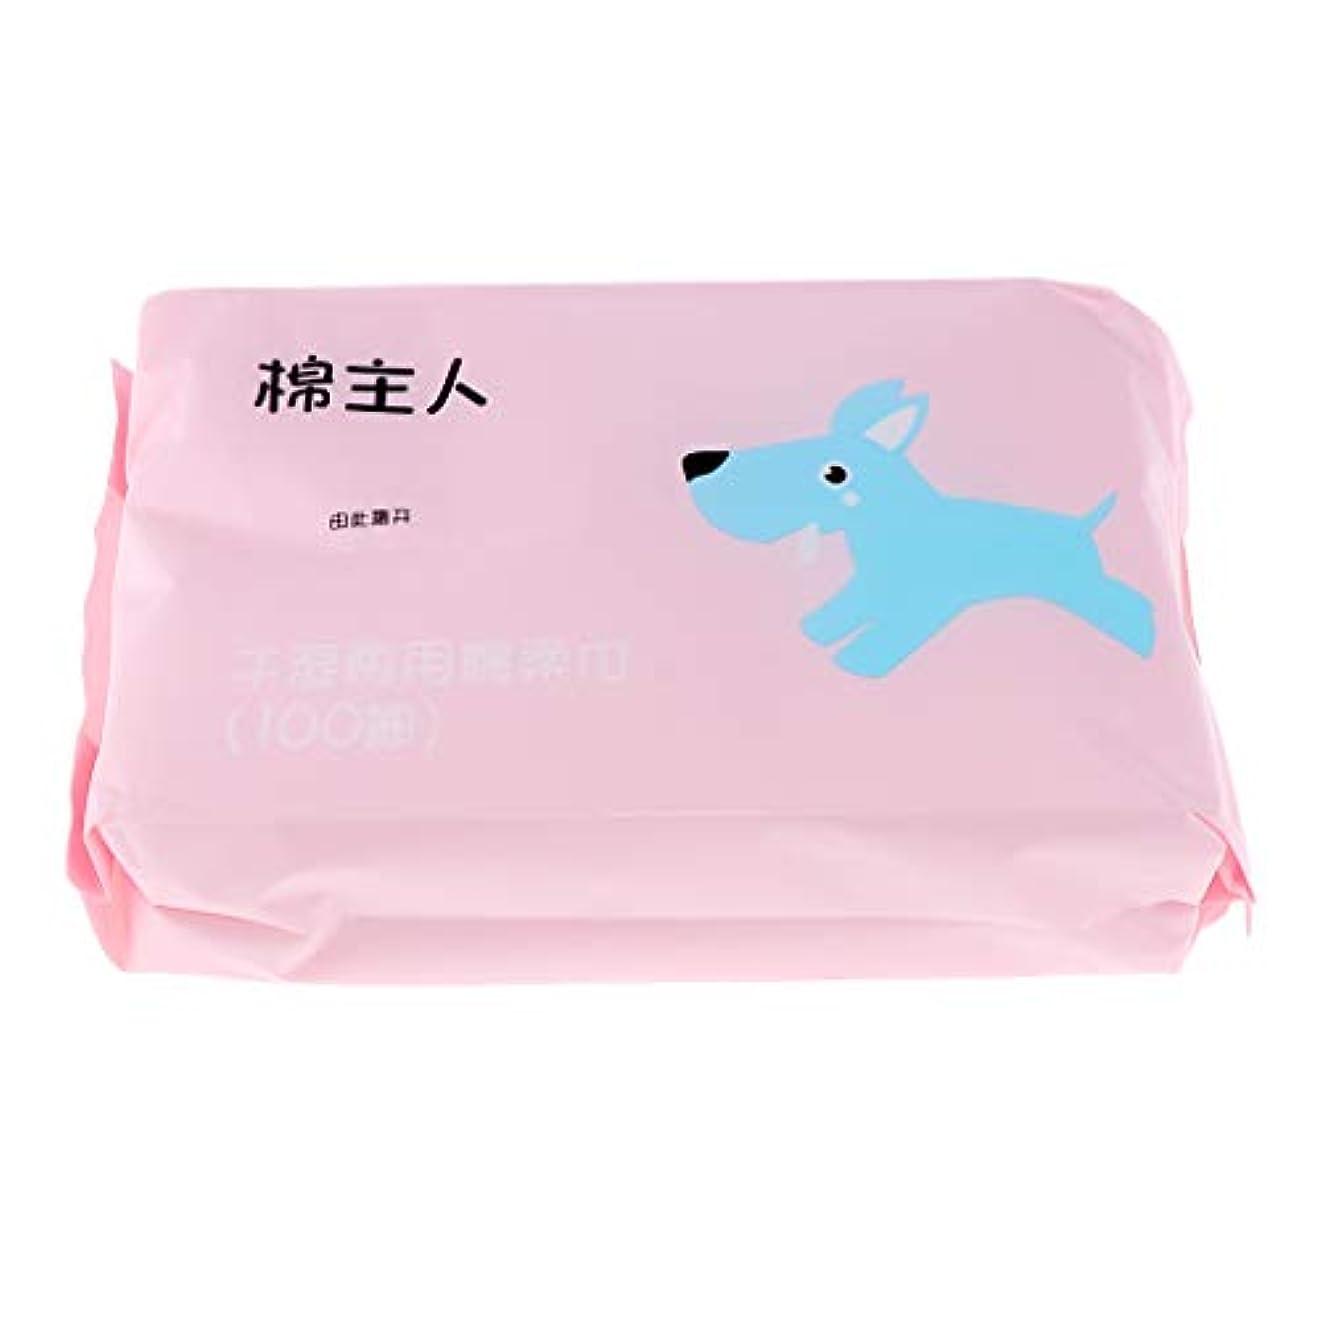 ニコチン出席するたまにクレンジングシート メイク落とし 軽量 便利 敏感肌用 非刺激 不織布 フェイスタオル 約100枚 - ピンク